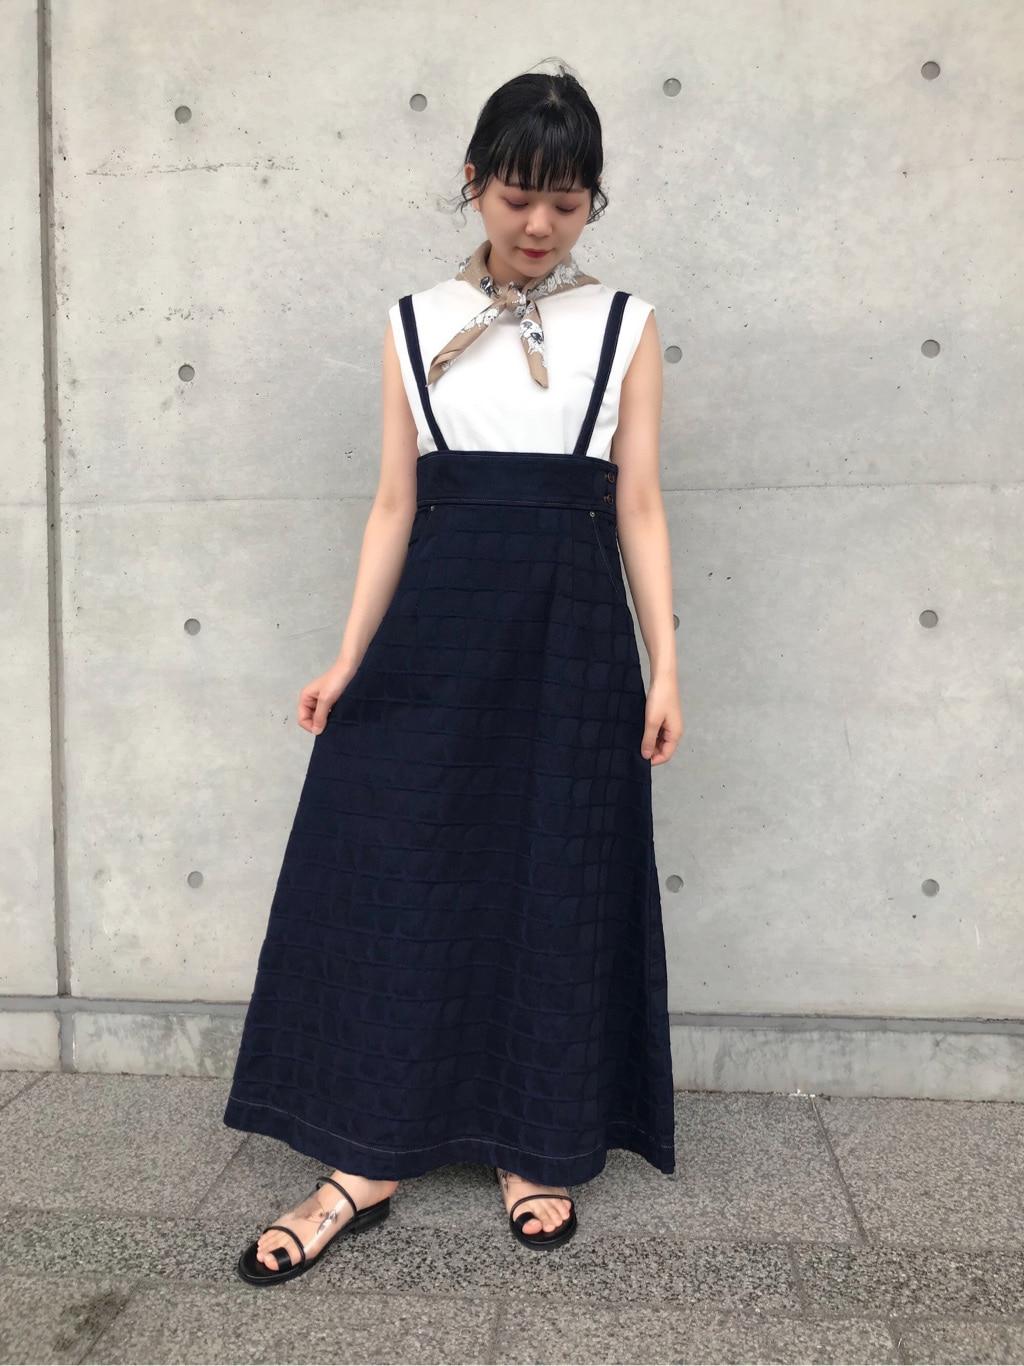 l'atelier du savon 東京スカイツリータウン・ソラマチ 身長:154cm 2020.06.16